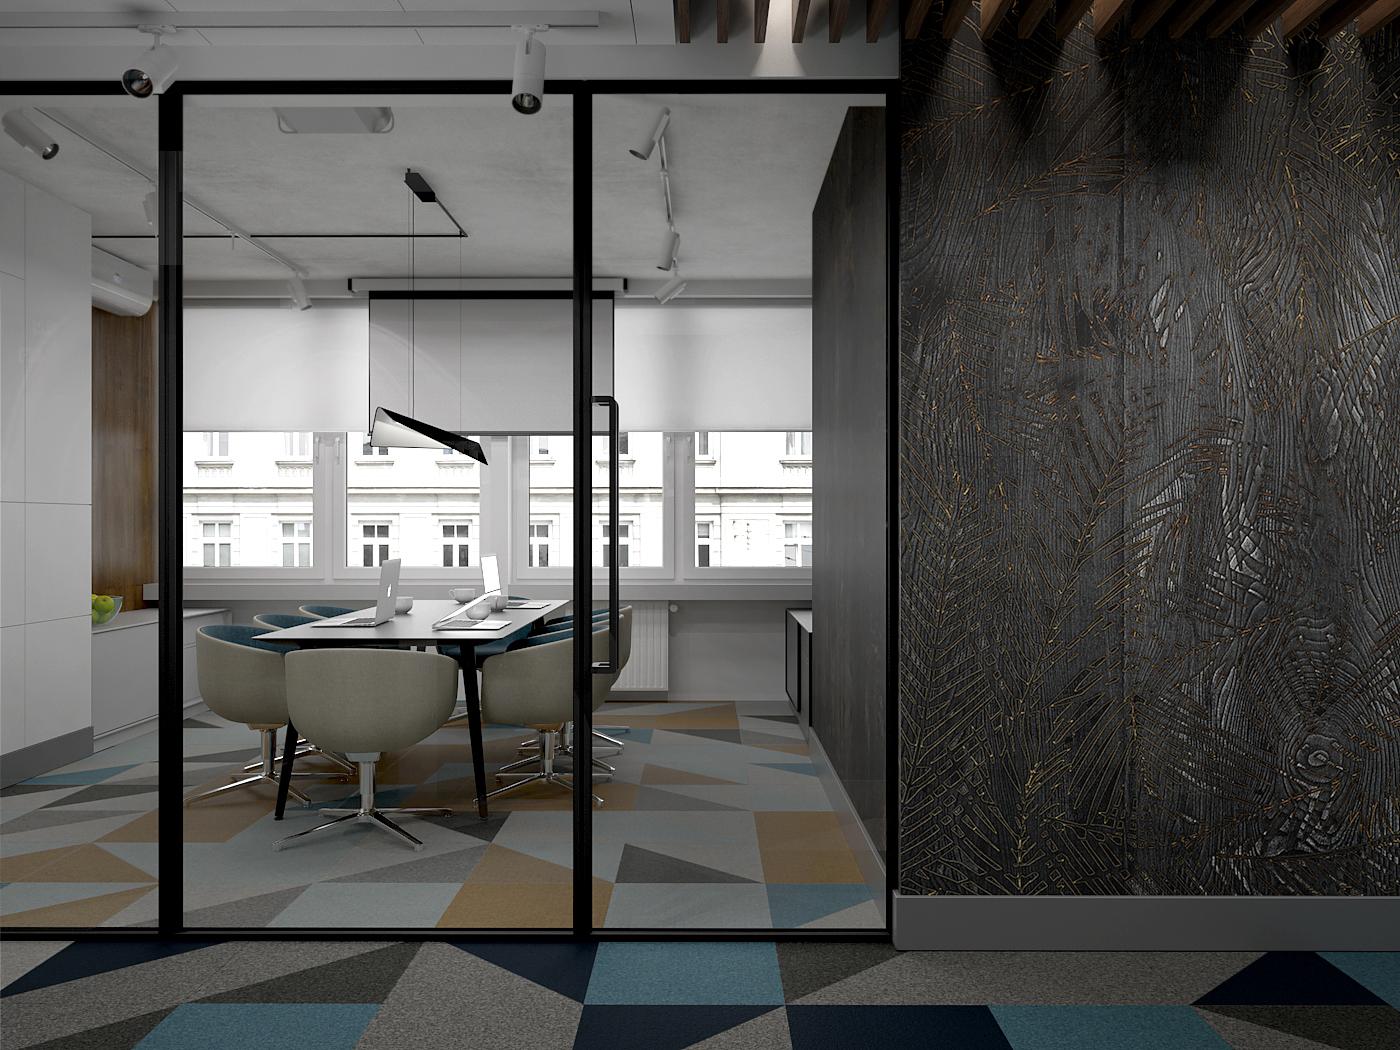 5 projekt biura 547 Kancelaria warszawa korytarz przeszklona scian do sali konferencyjnej tapeta na scianie wykladzina obiektowa